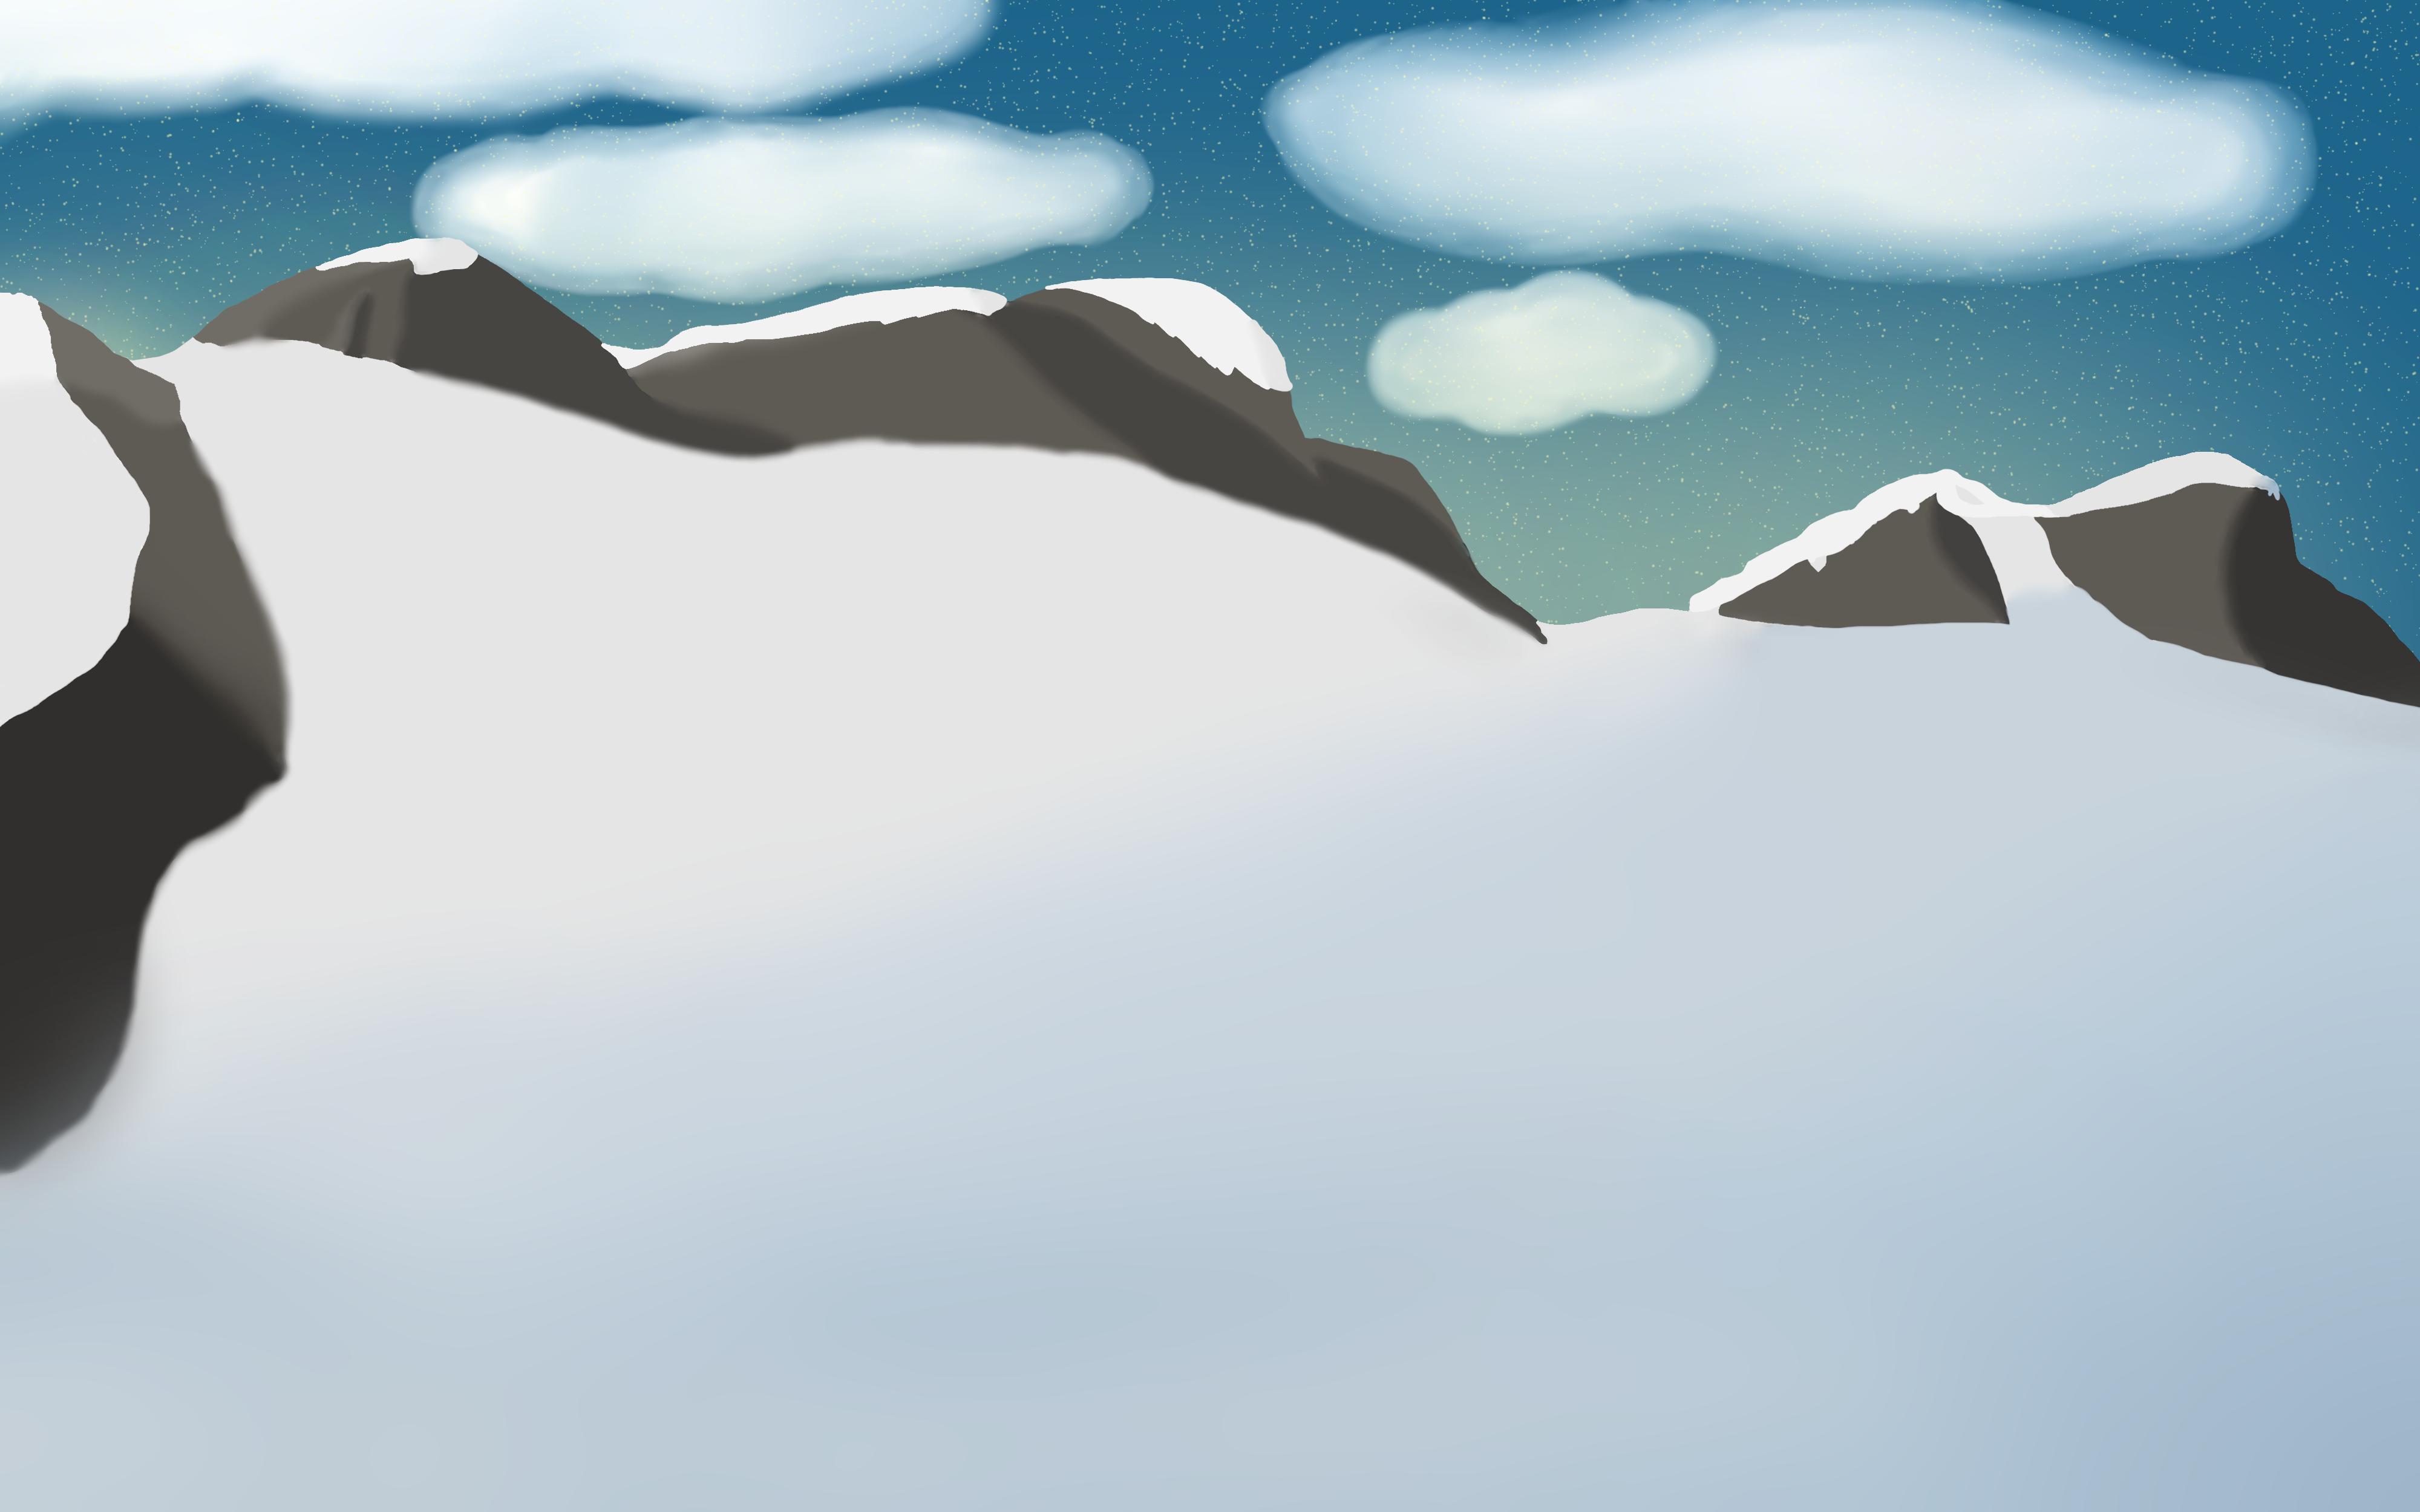 Top snow mountain